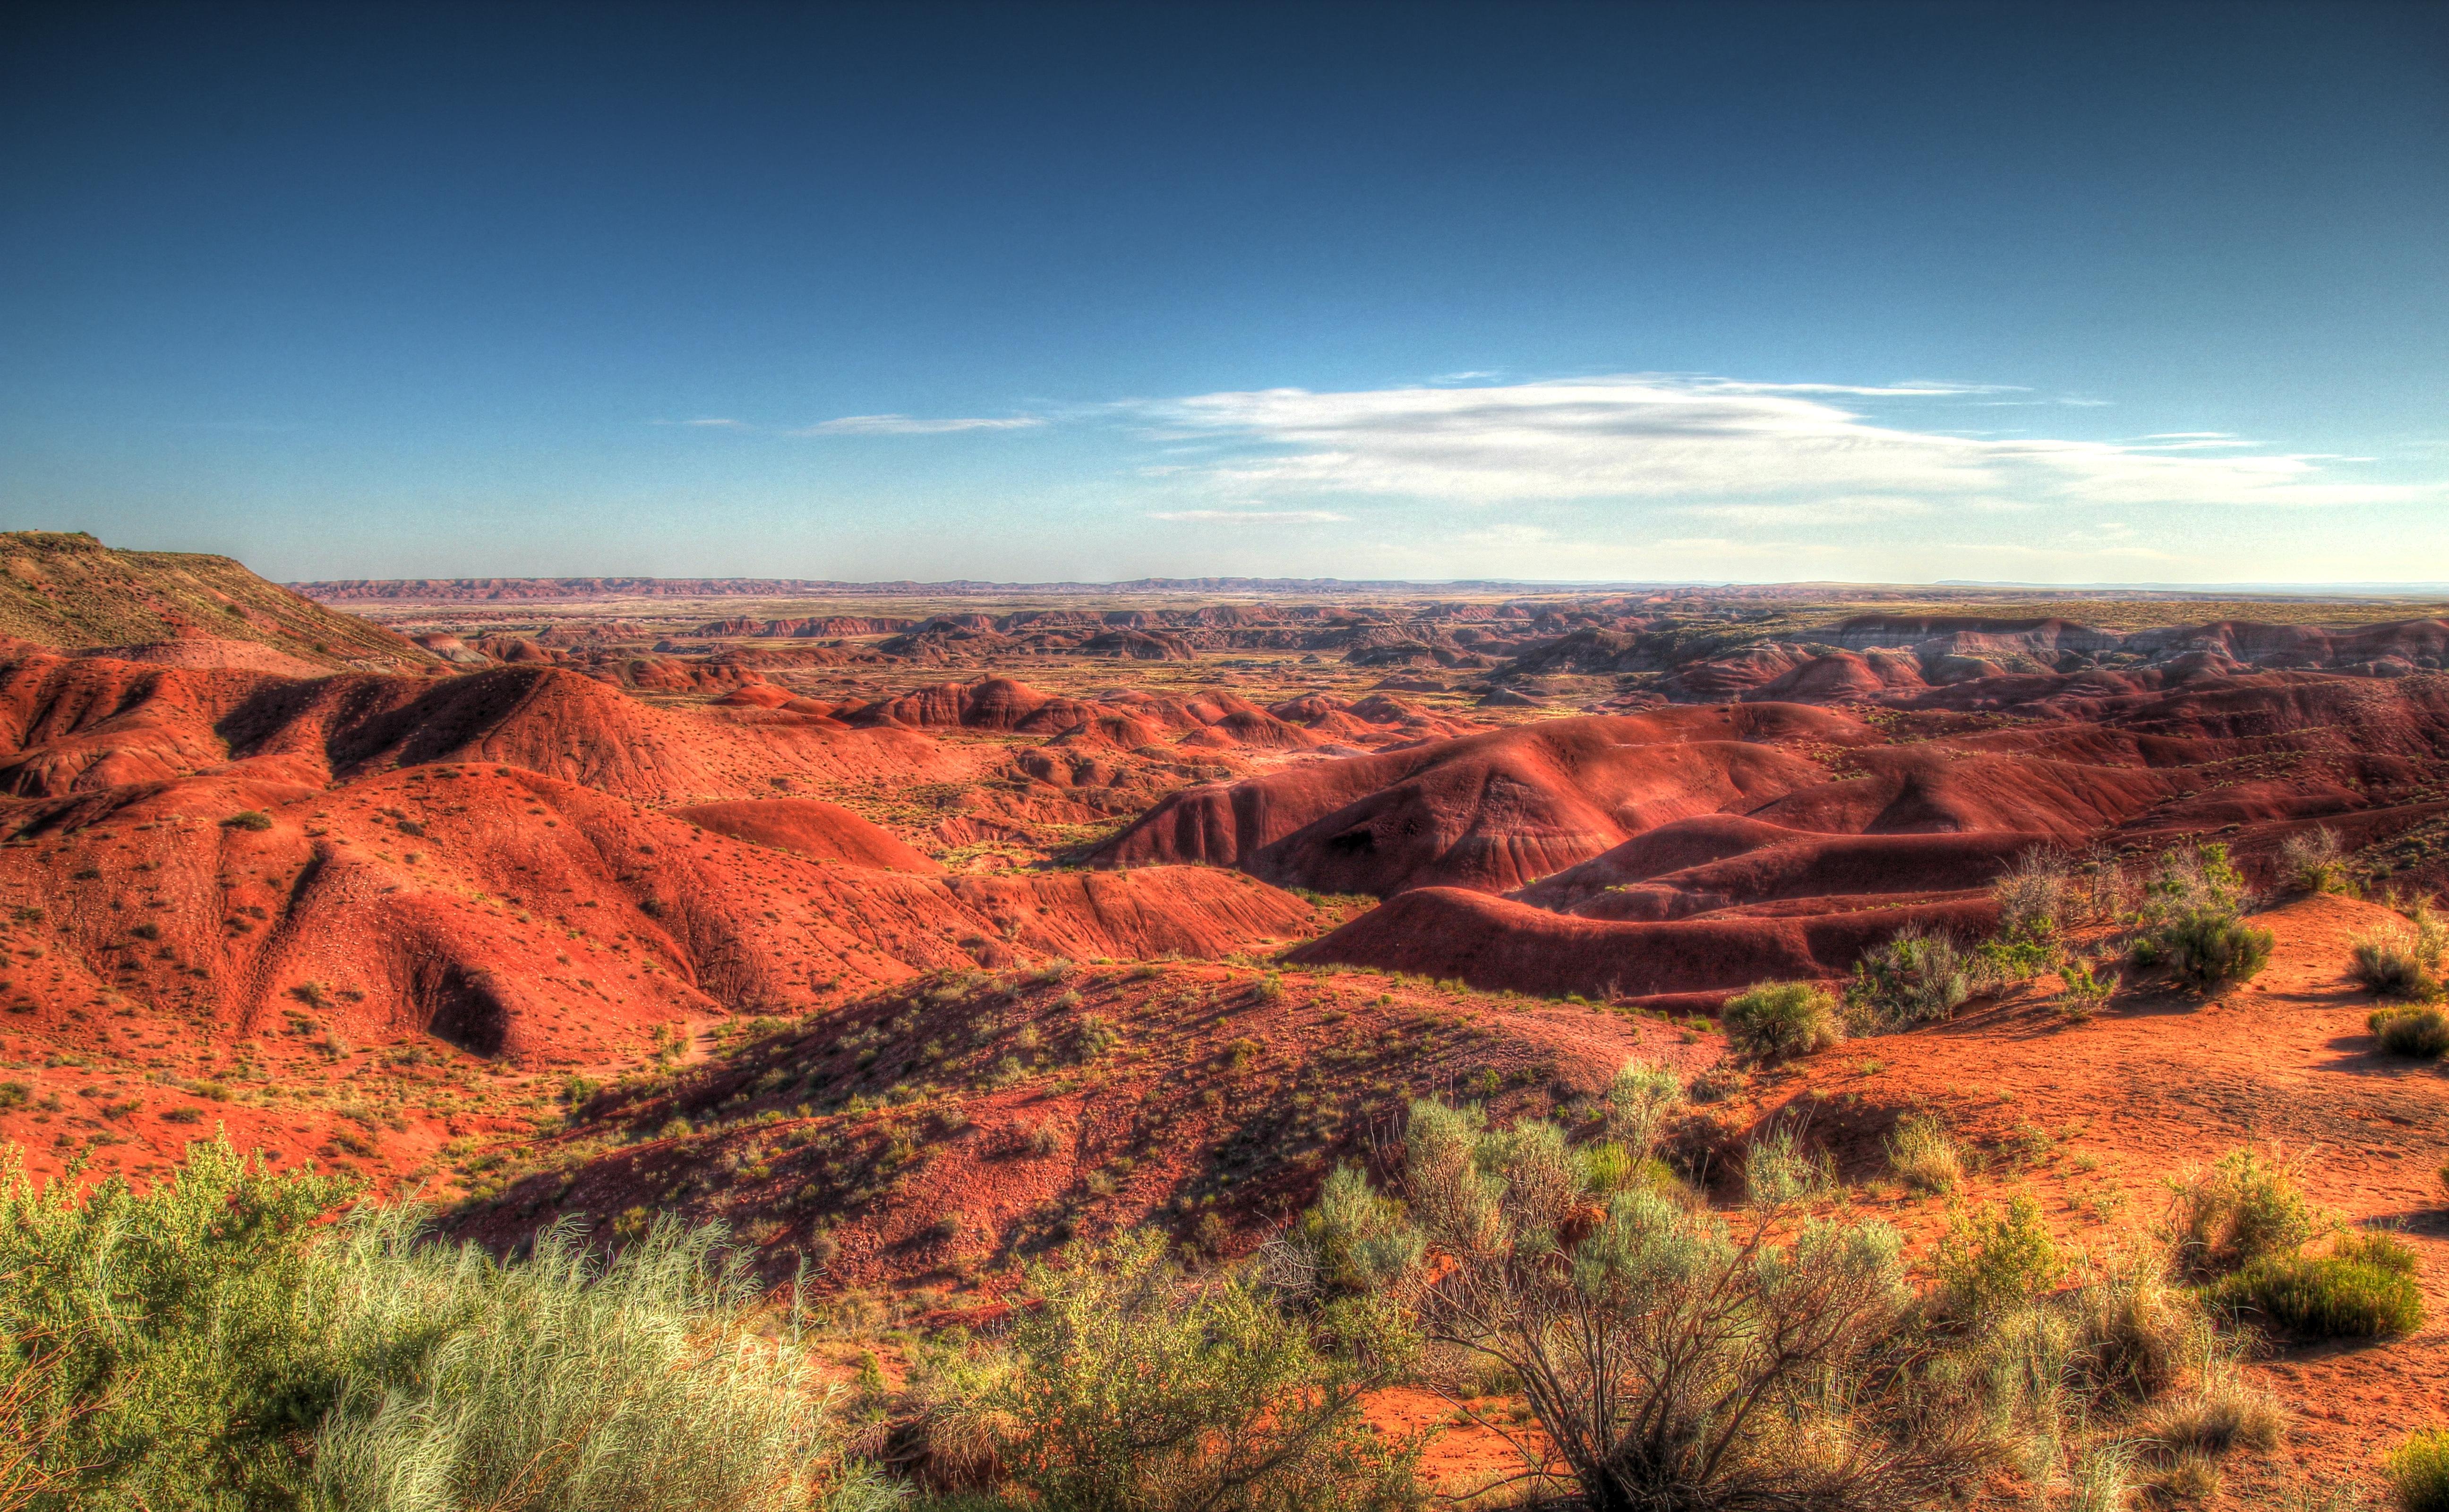 Painted Desert (Arizona)